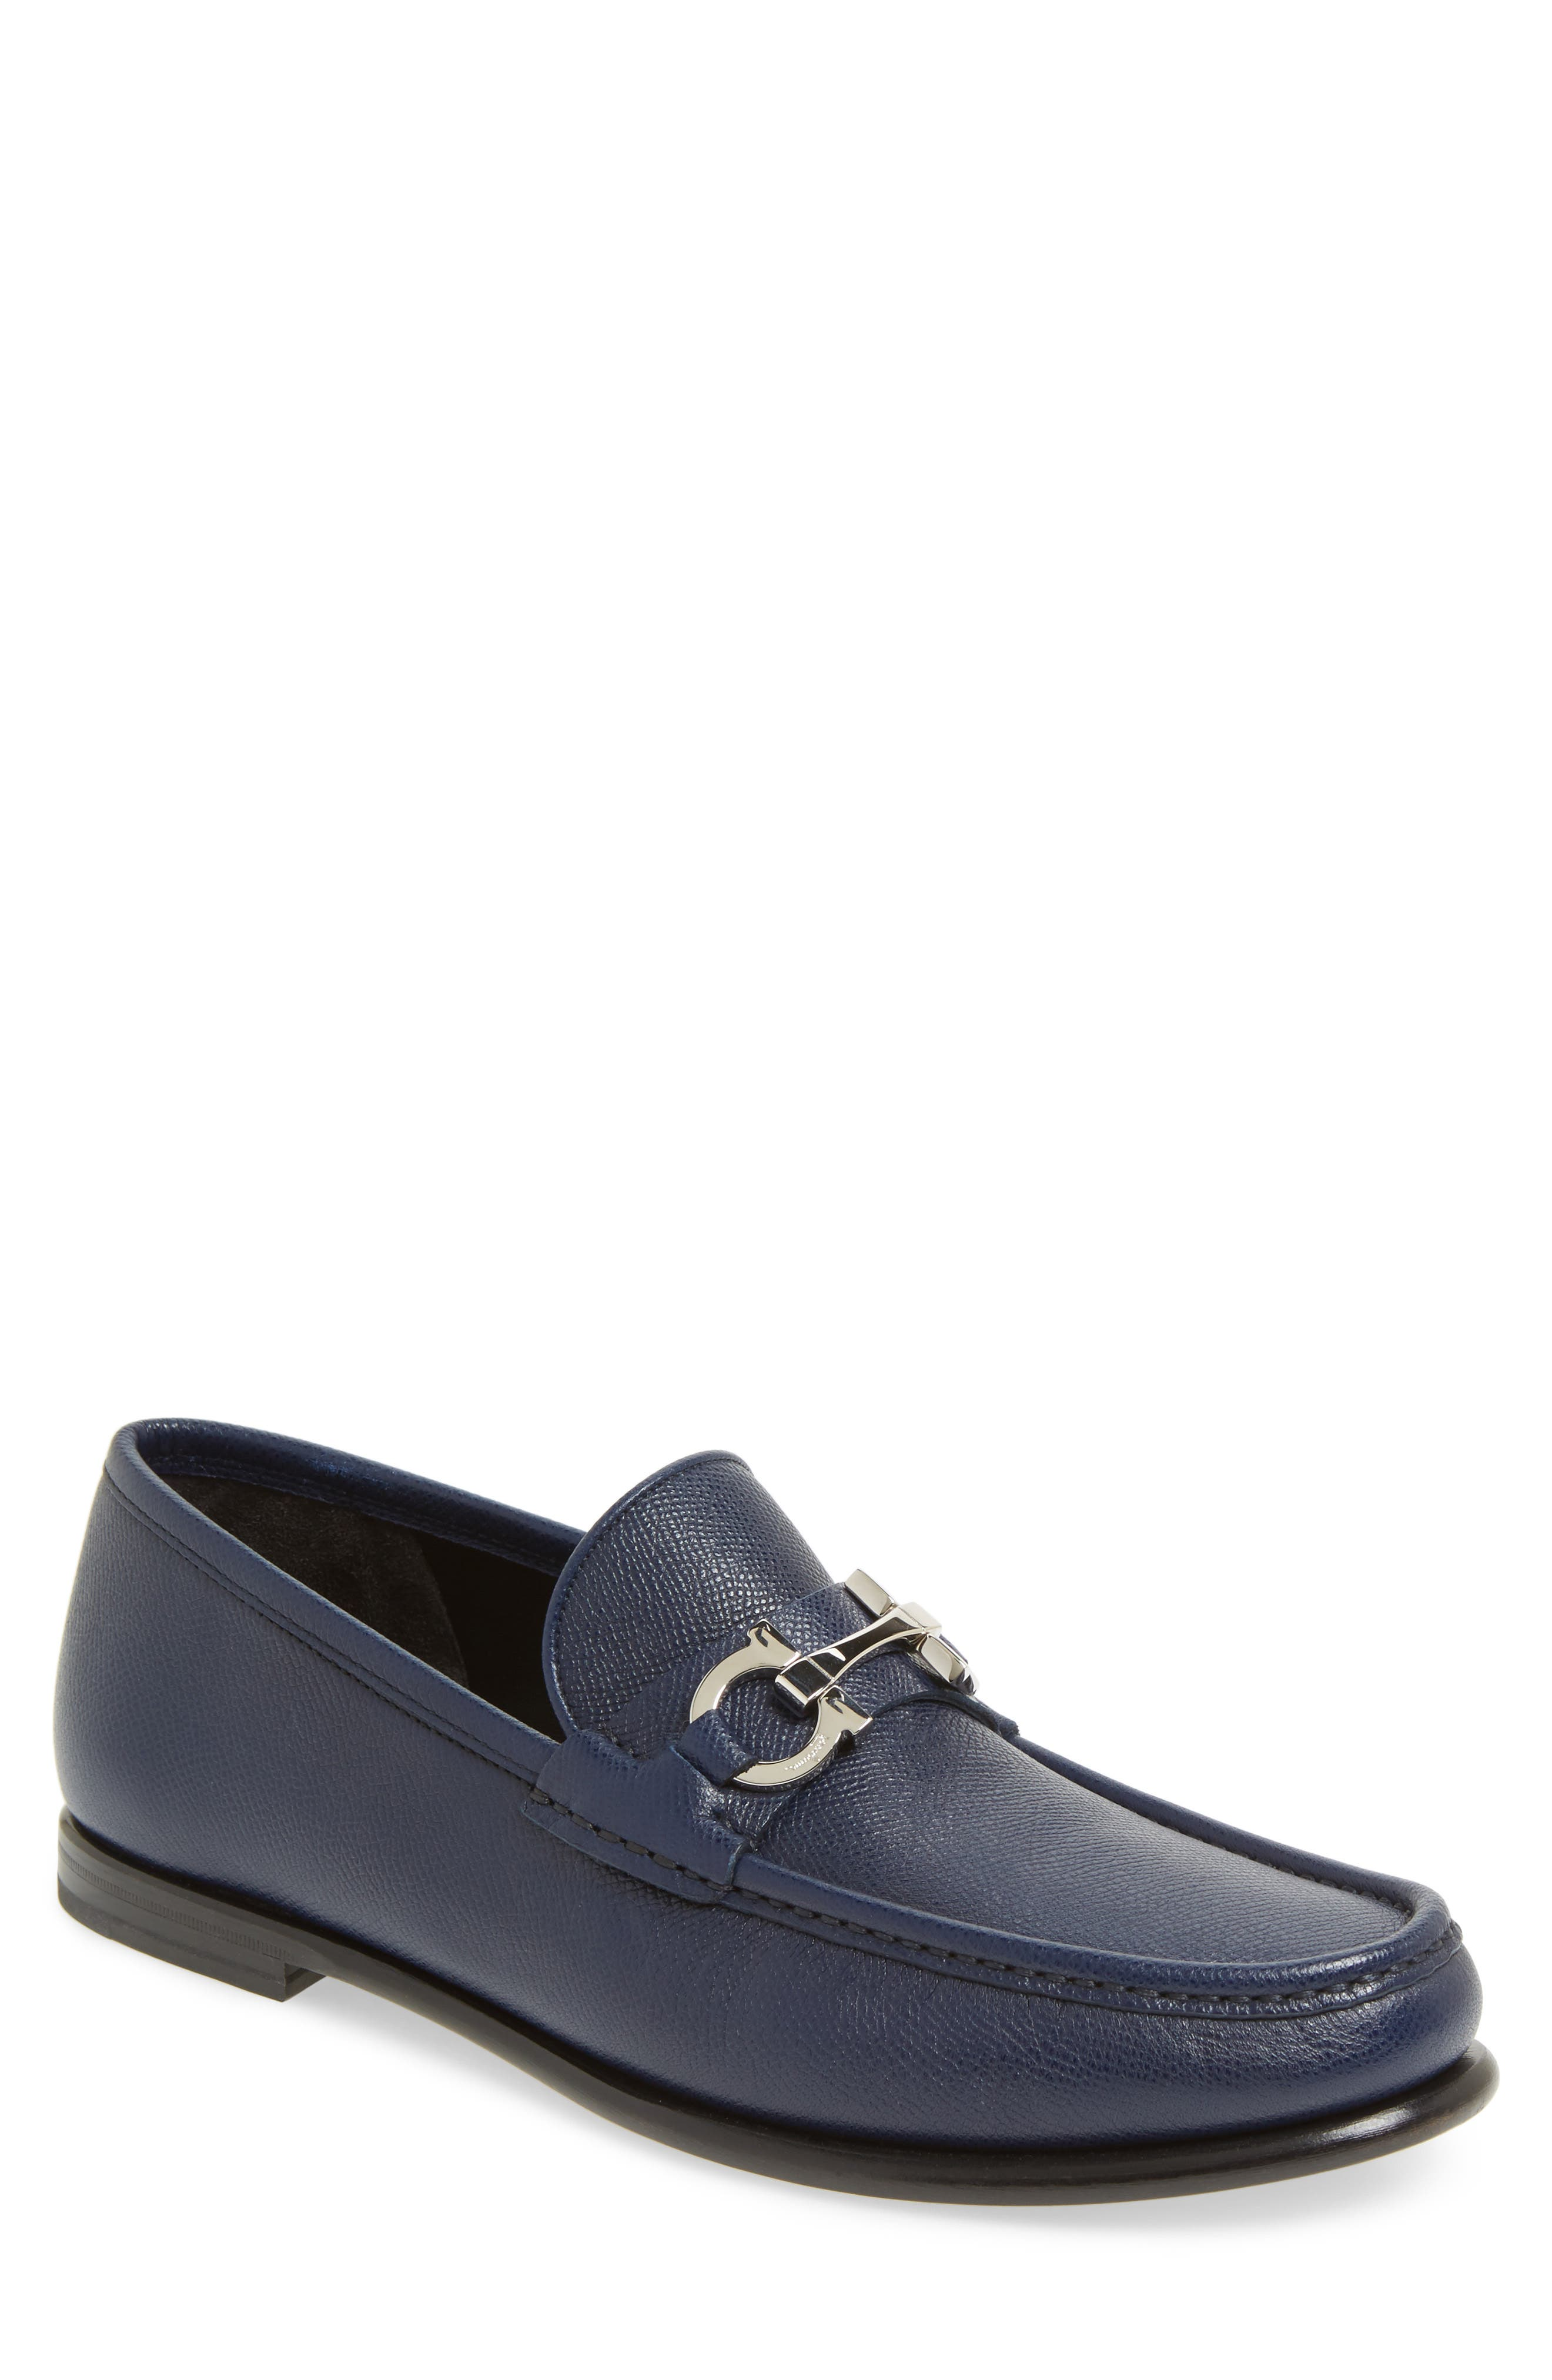 Crown Bit Loafers - Brown Salvatore Ferragamo JC26pXG